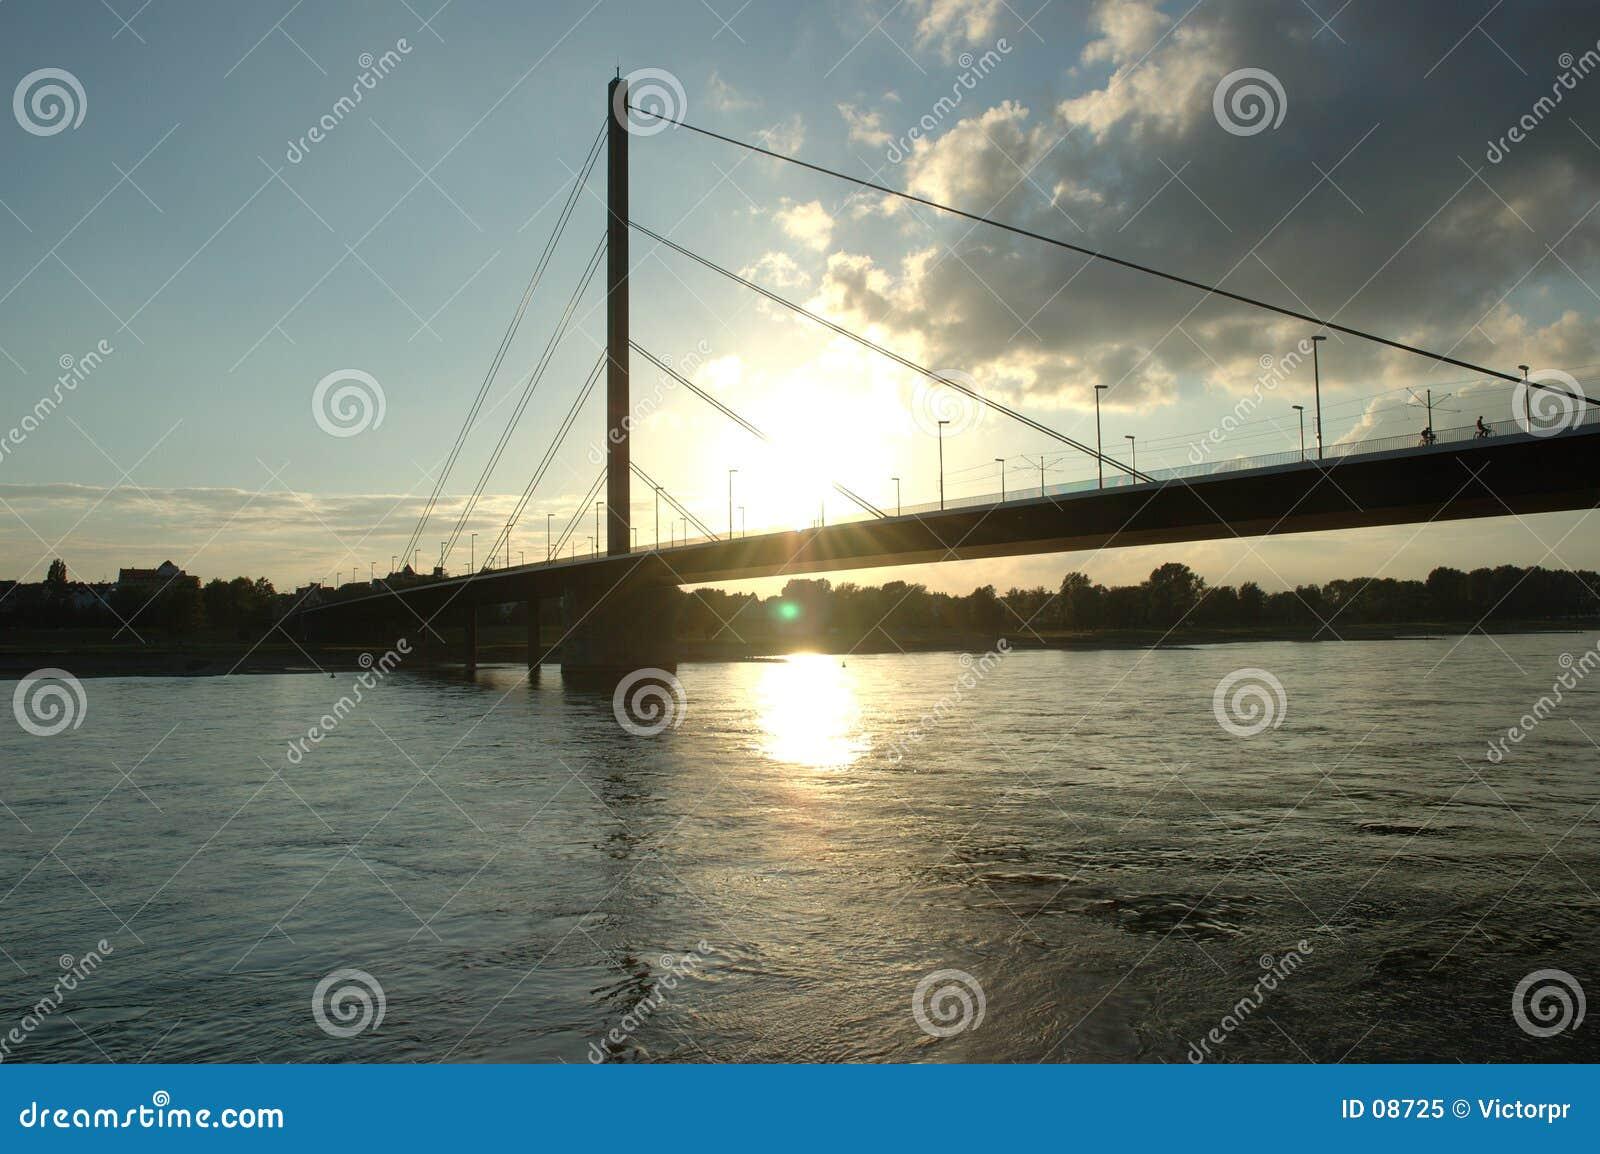 Rhein in sunset